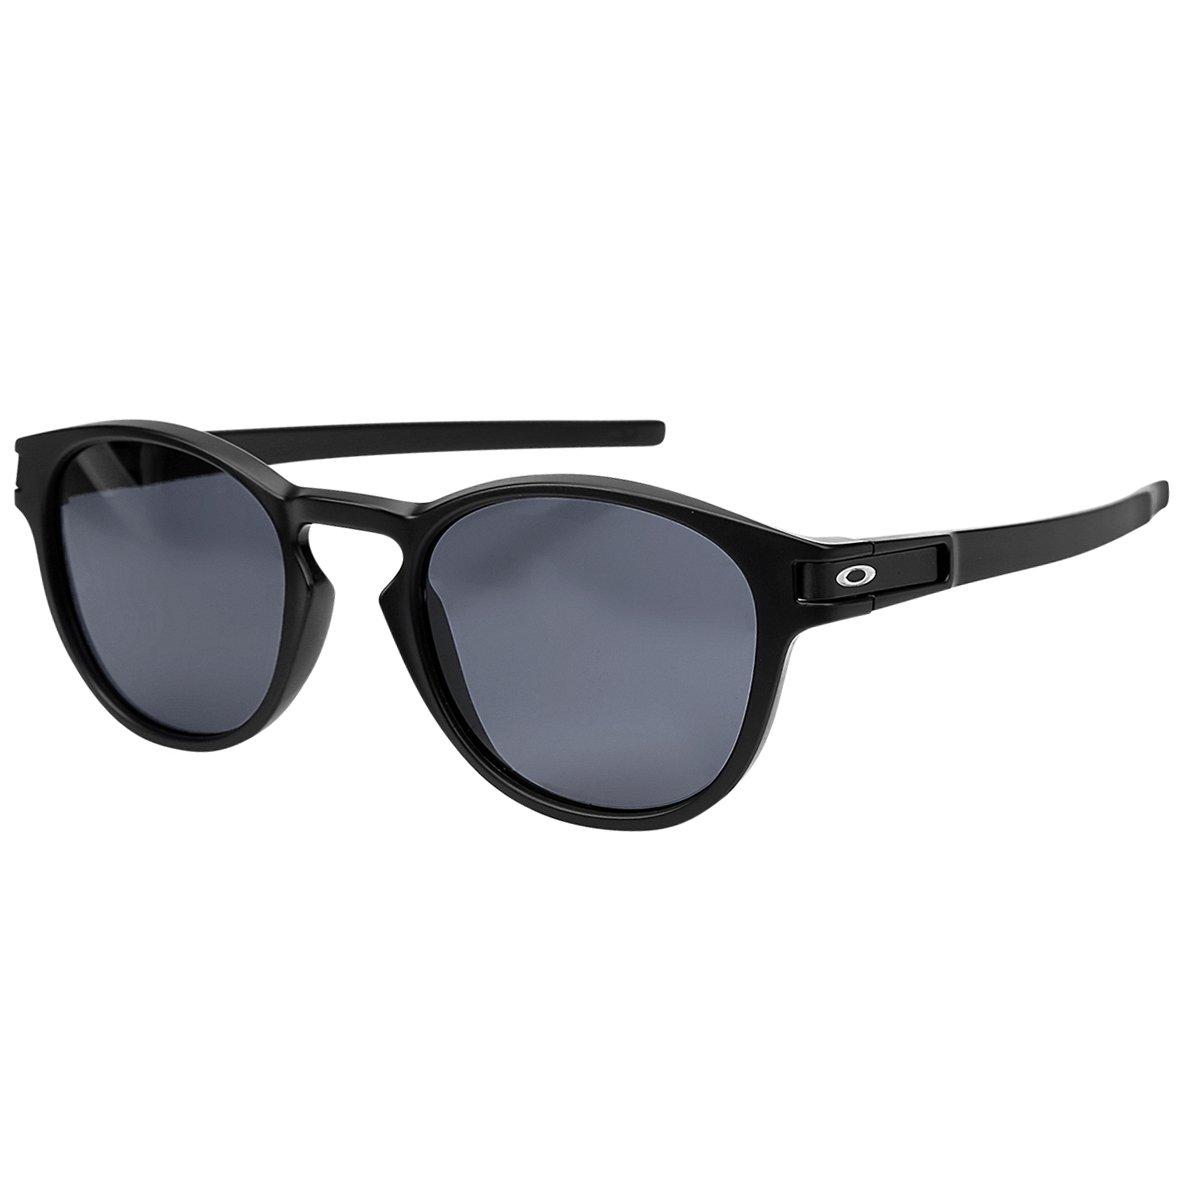 d1d56d21bdb54 Óculos de Sol Oakley Latch Masculino - Preto e Cinza - Compre Agora ...